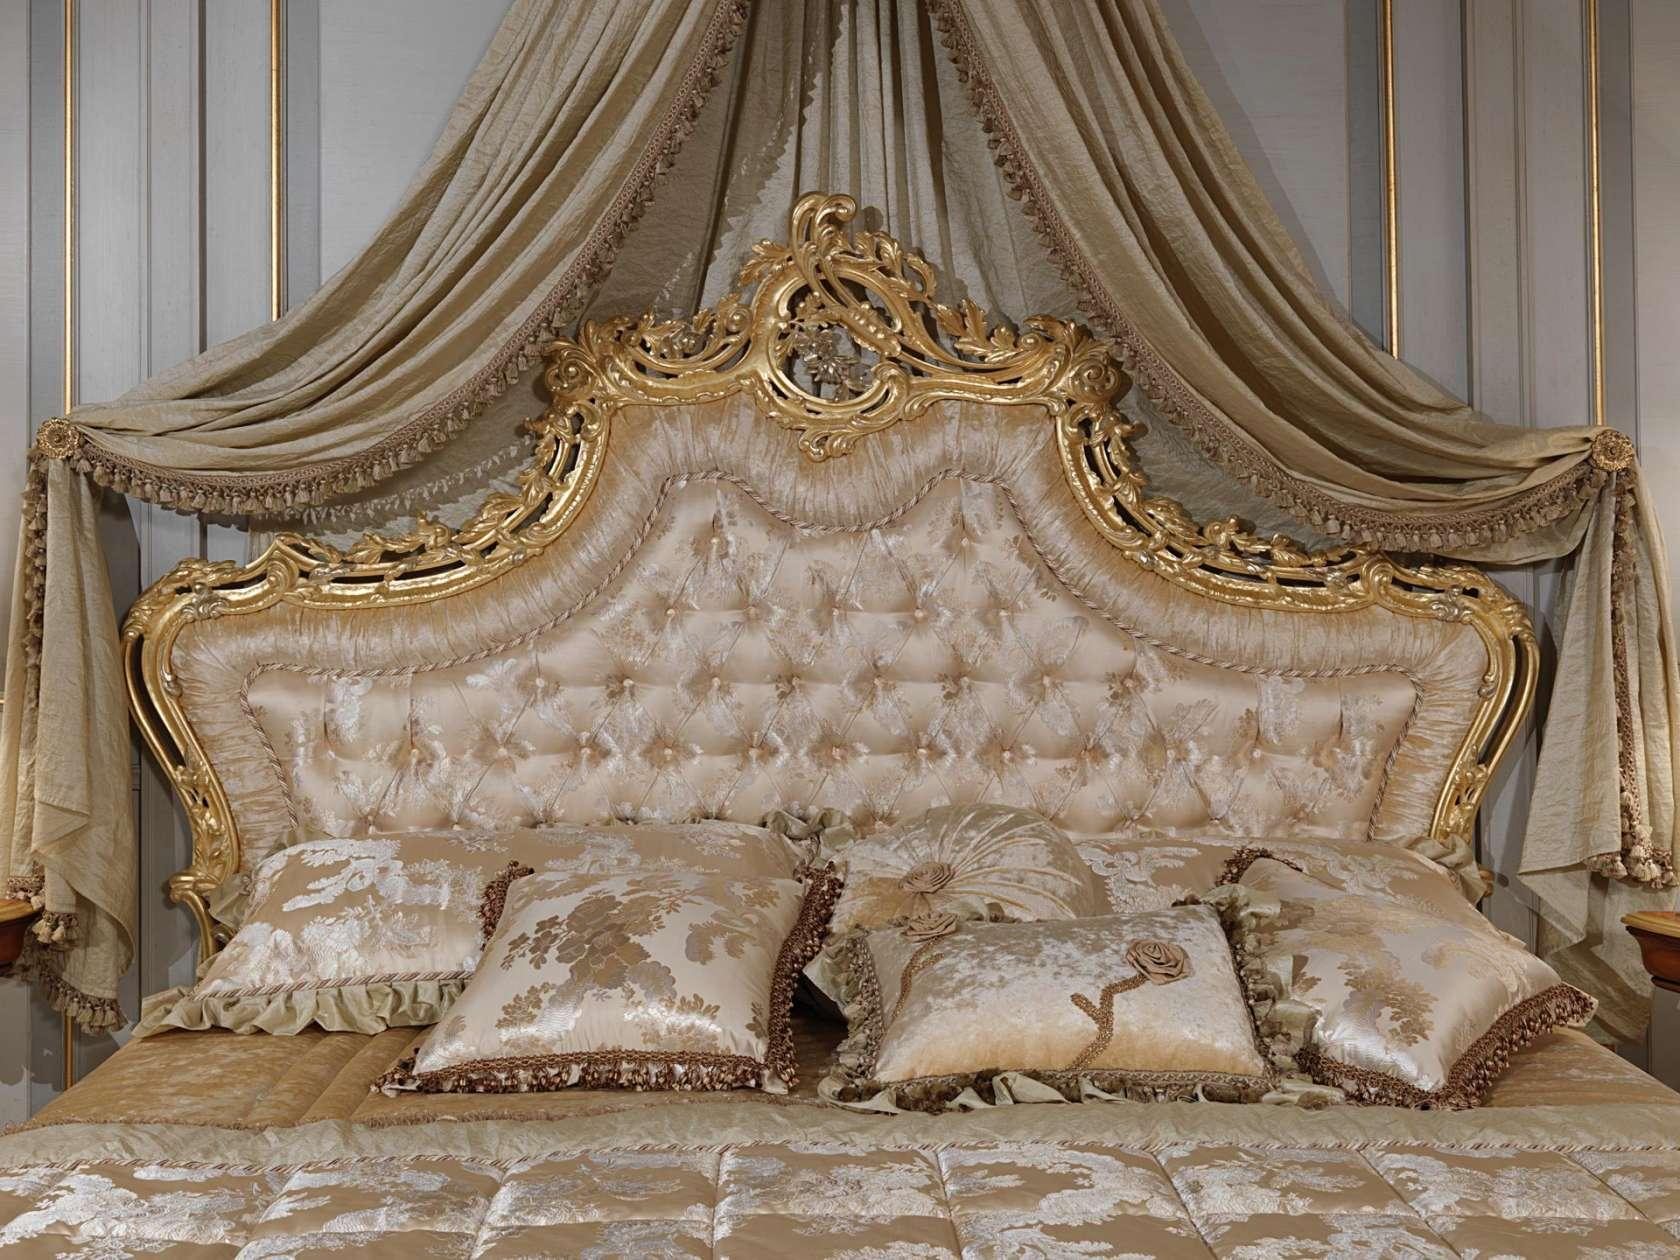 Lit Avec Tete De Lit Matelassé bed with capitonné headboard   vimercati classic furniture